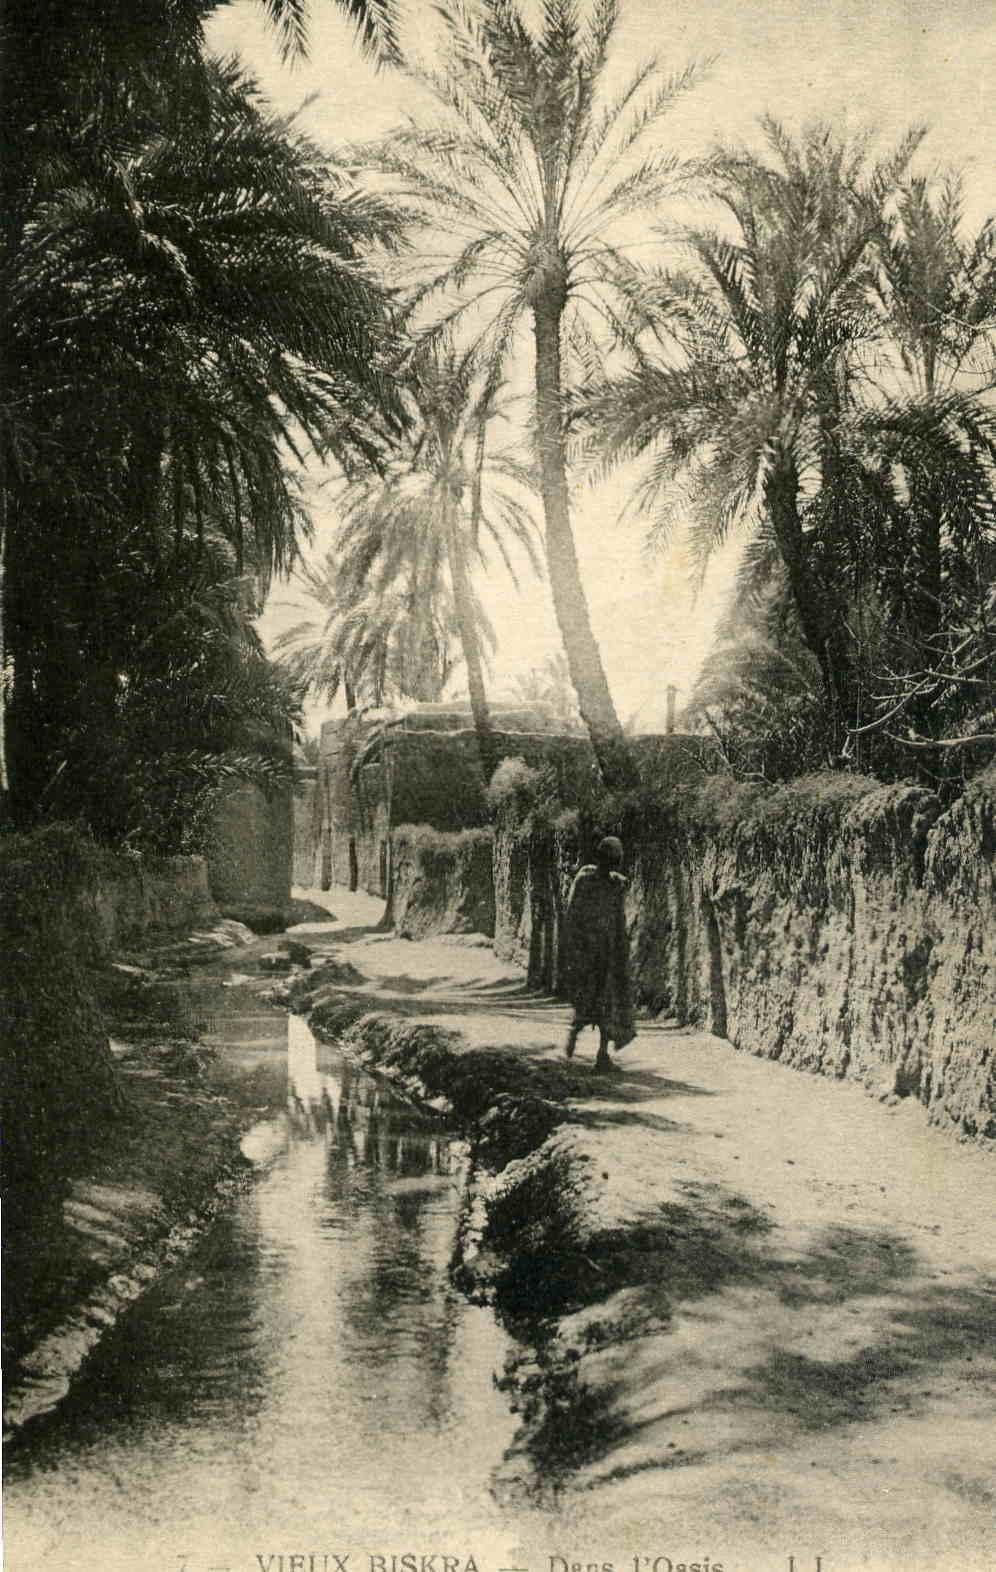 Biskra - Dans l'oasis